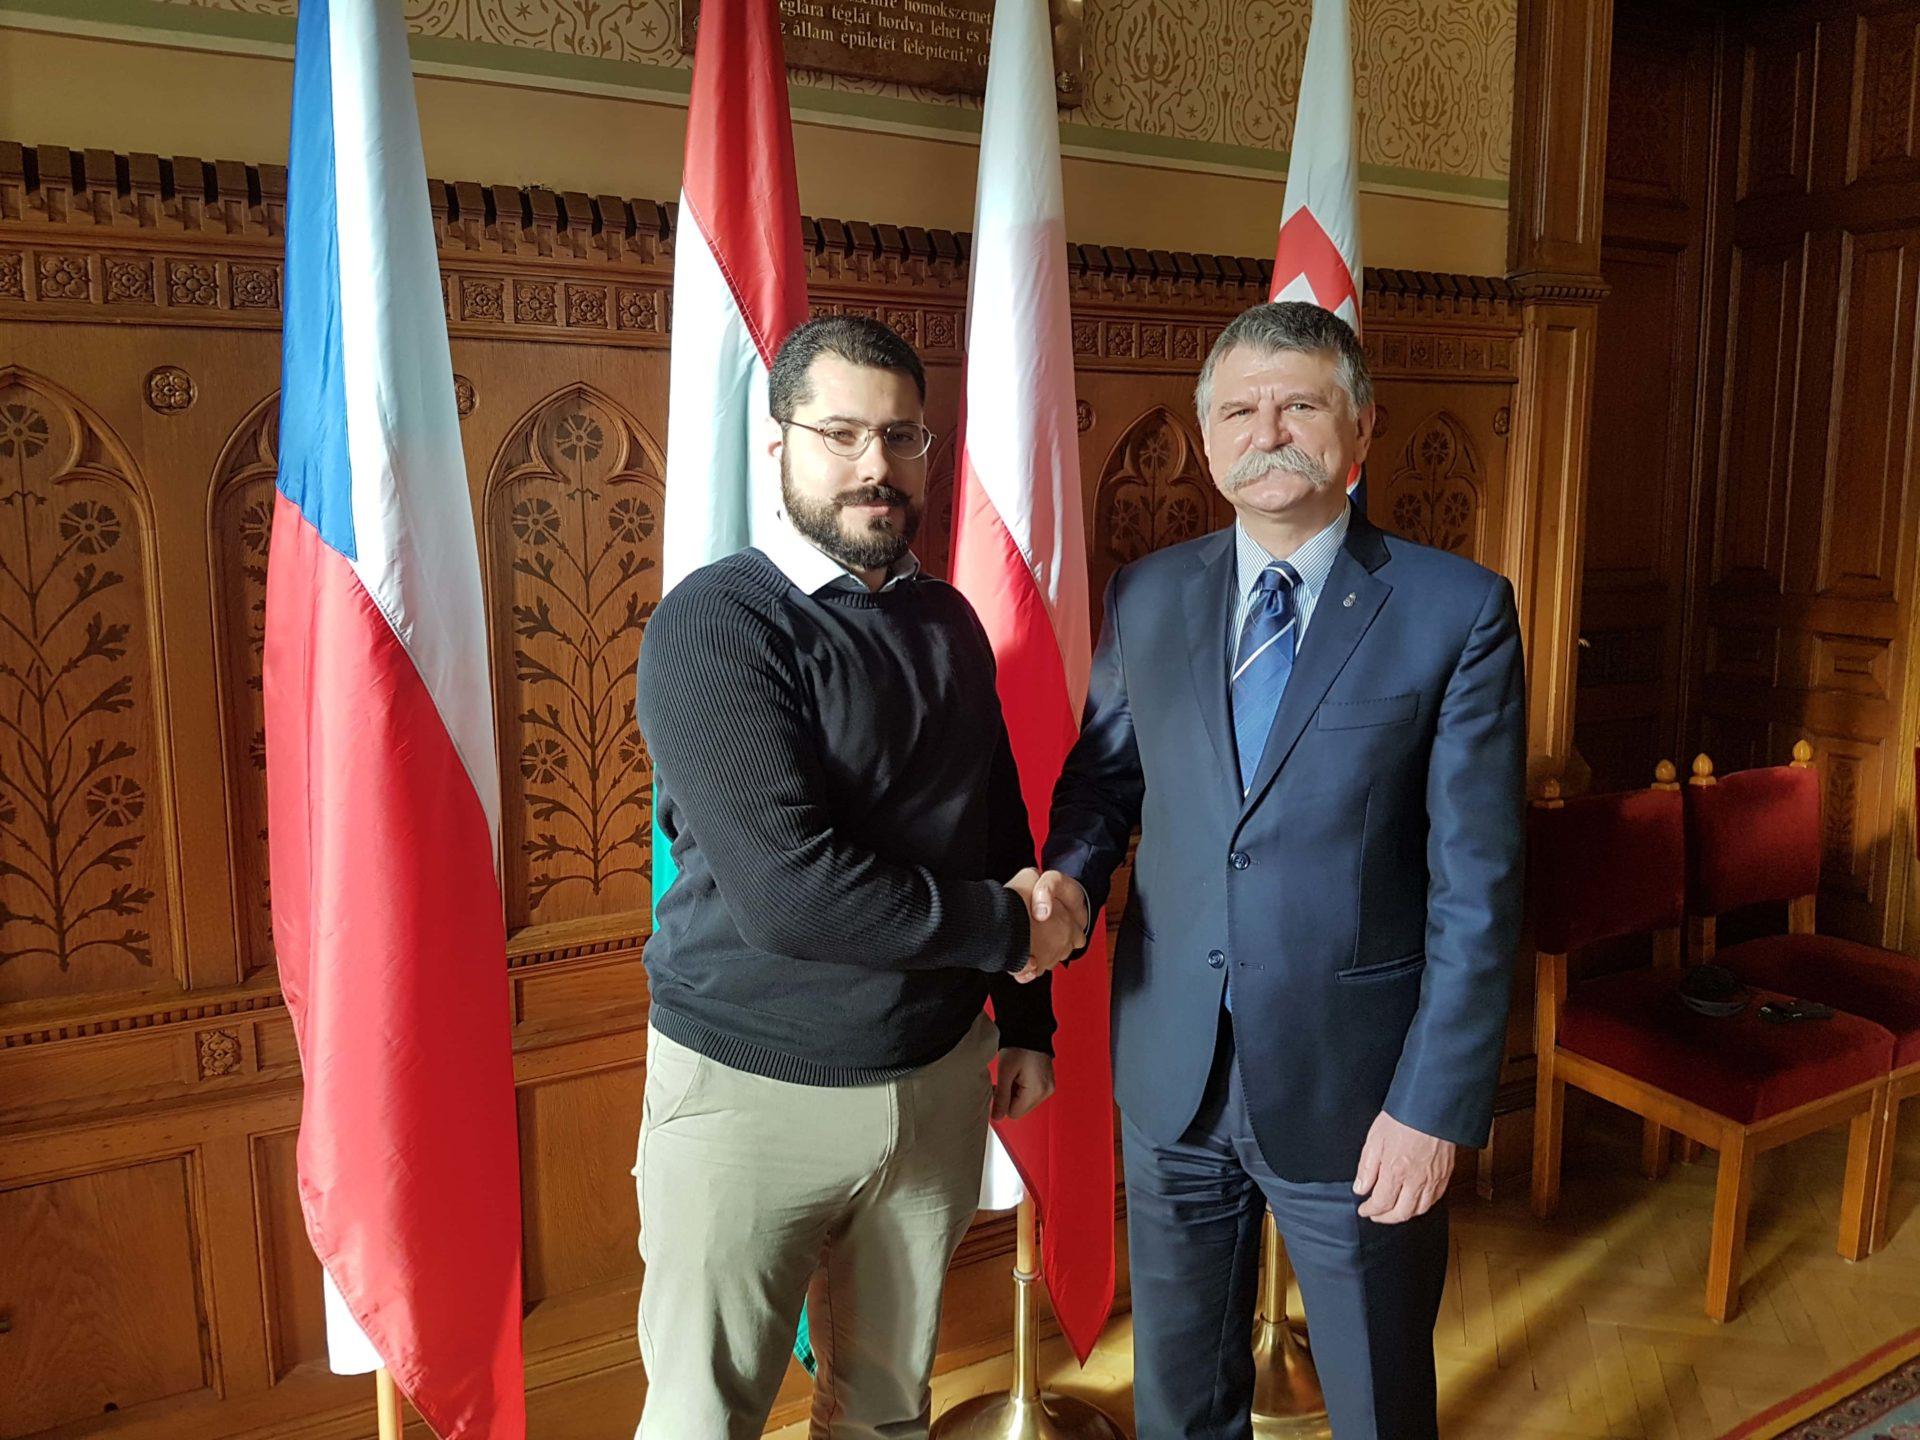 Ferenc Almássy et László Kövér au parlement hongrois, le 1er décembre 2017.